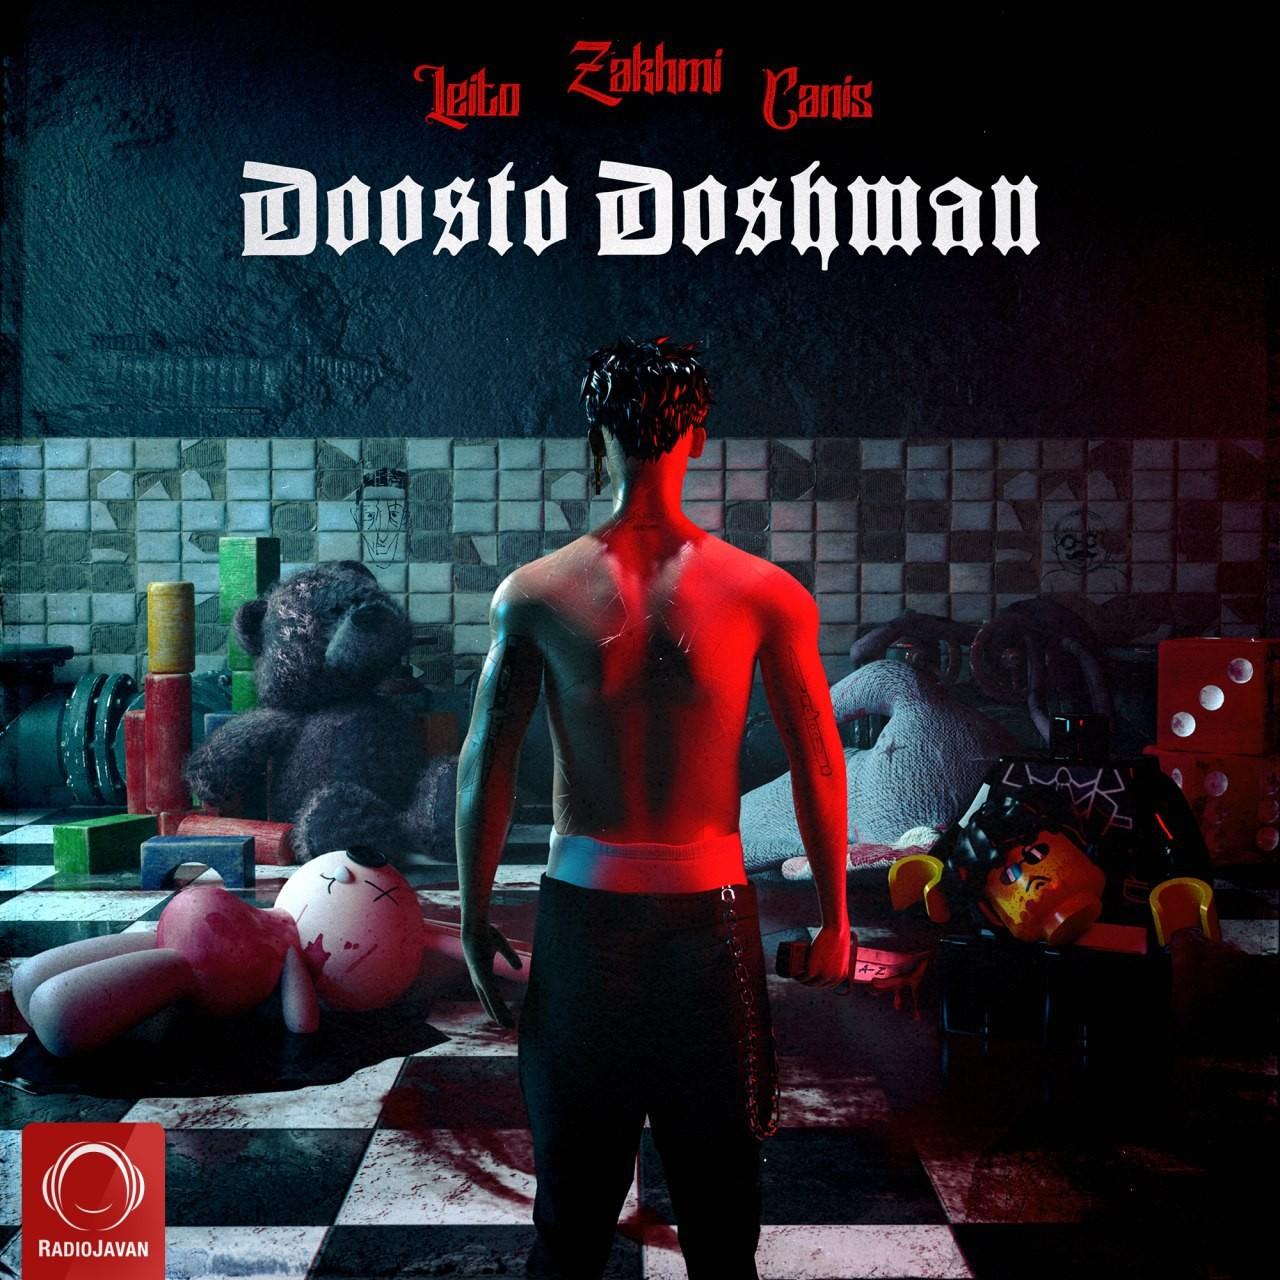 Zakhmi & Behzad Leito & Canis – Doosto Doshman